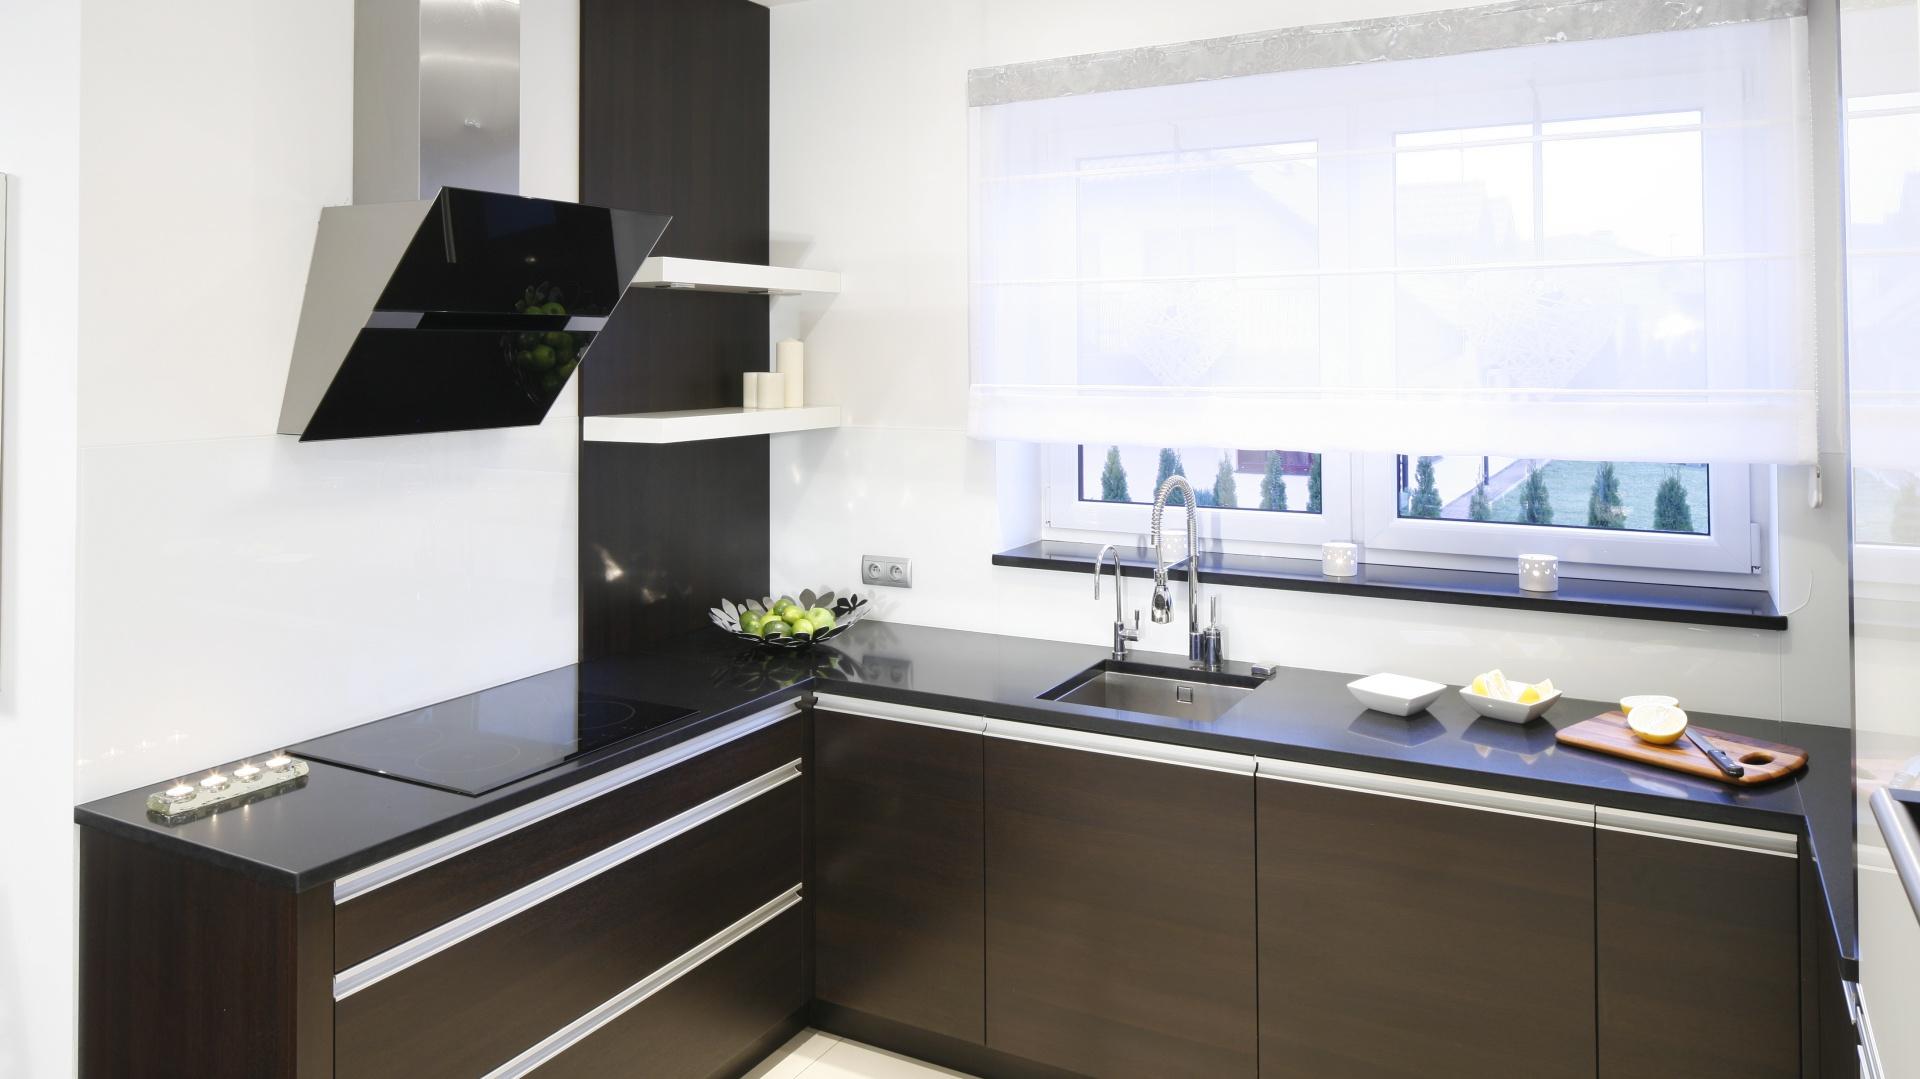 Funkcjonalna kuchnia Tak urządzisz strefę zmywania przy oknie  Galeria  Do   -> Kuchnia Funkcjonalna Na Saskiej Kepie